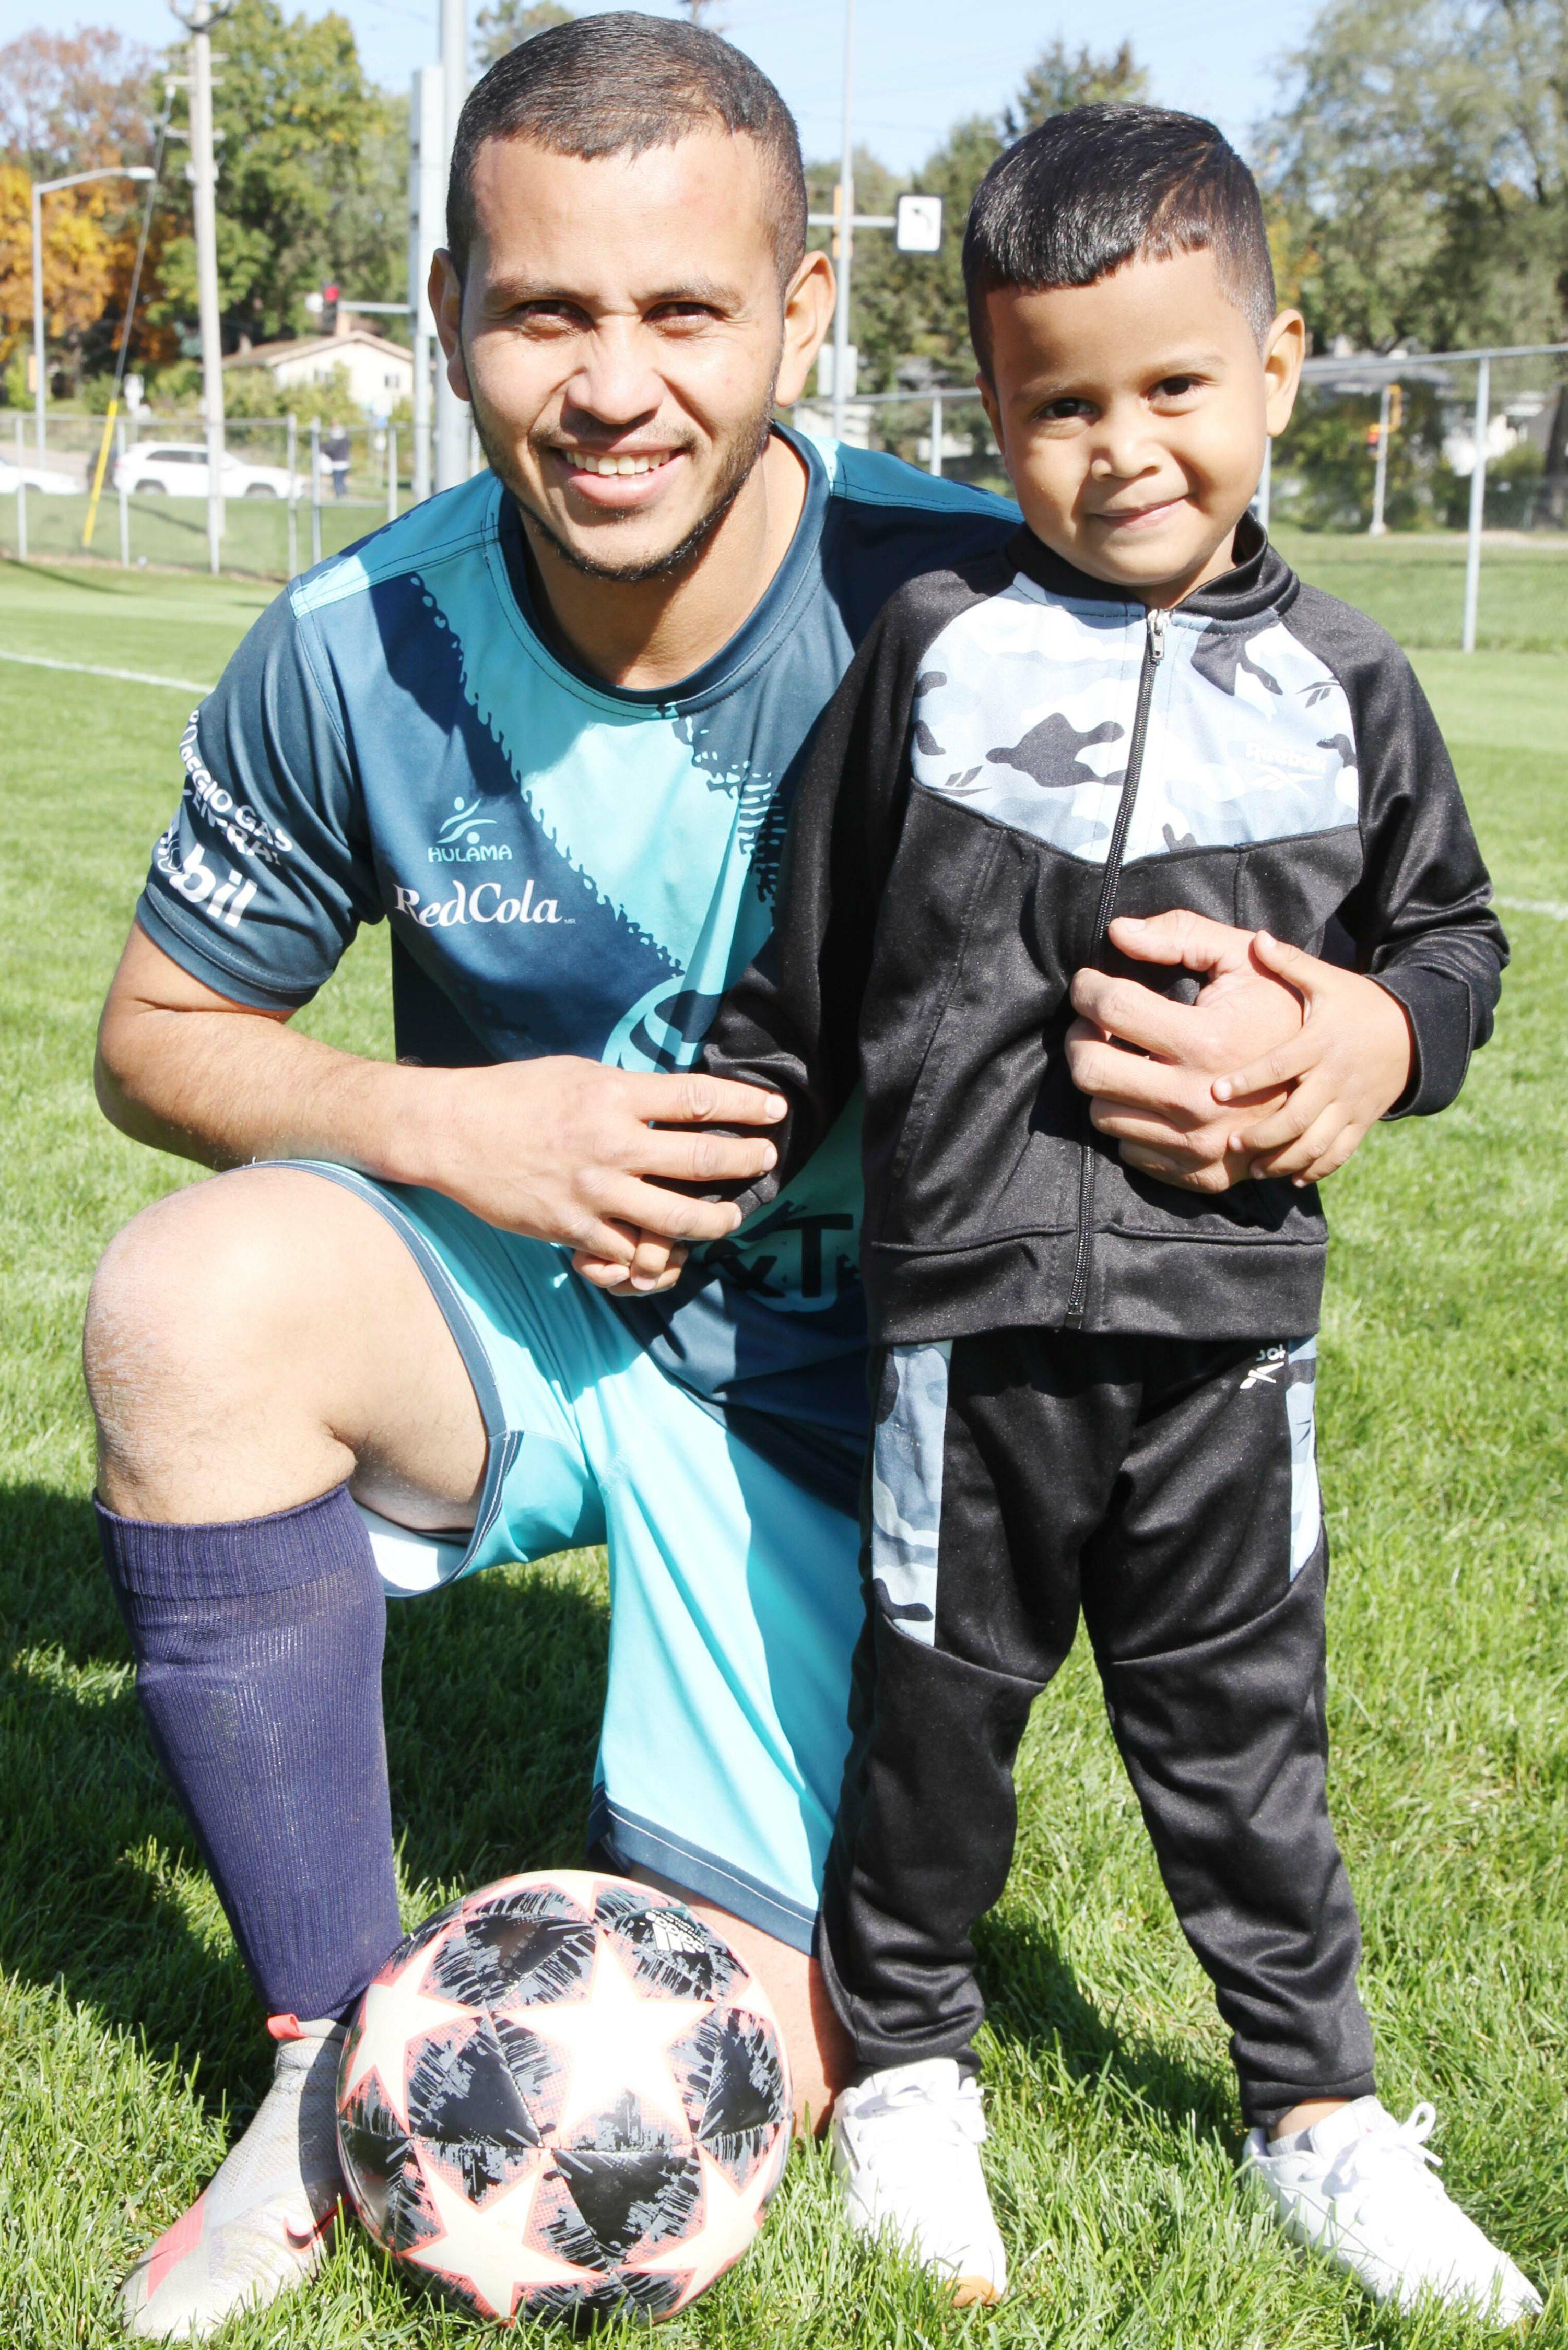 Al catracho Duarte el ser goleador de un equipo de fútbol le llevó al éxito personal